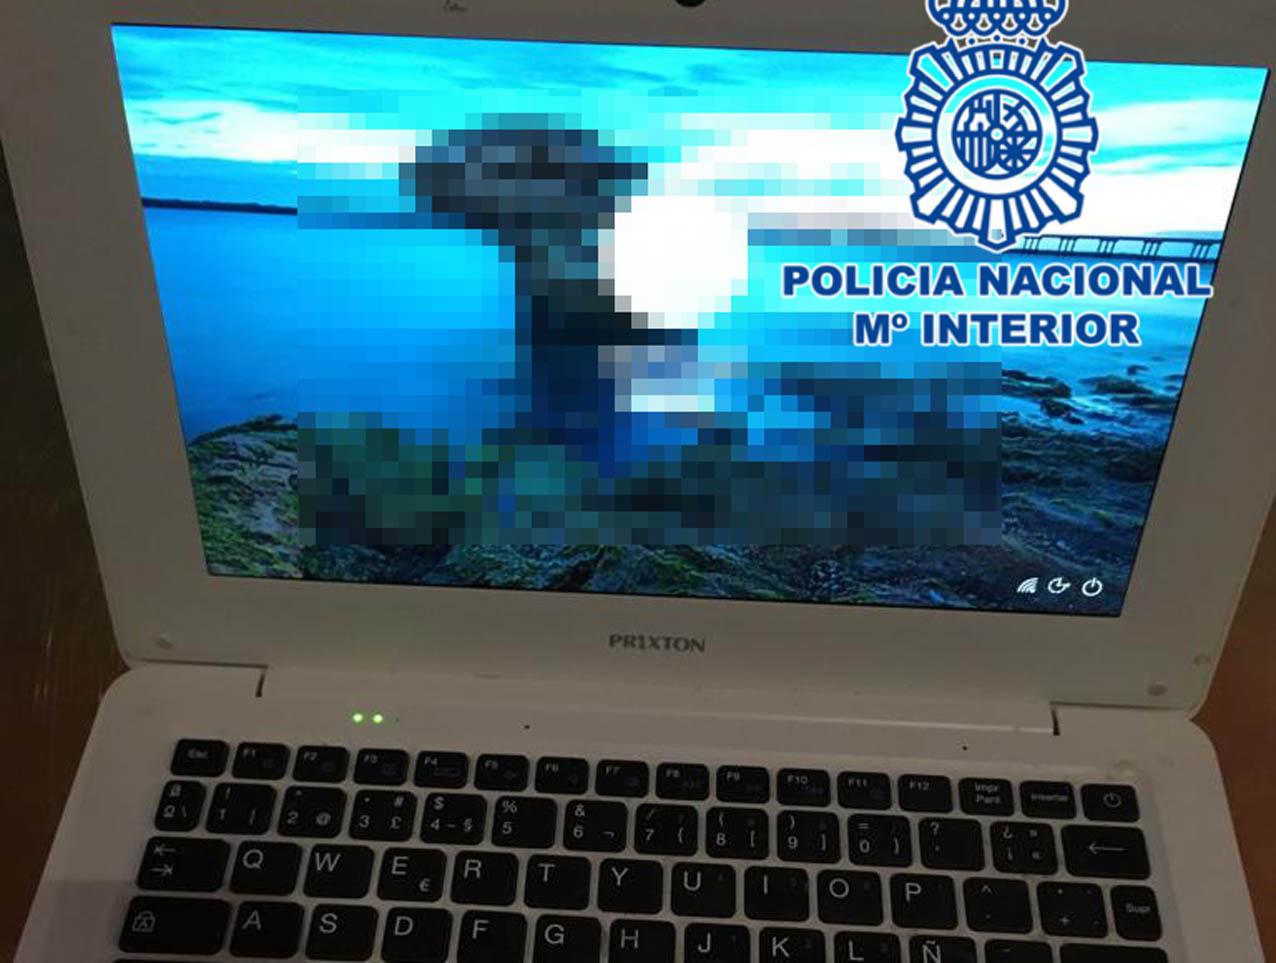 Imagen de un ordenador sustraído en Talavera.